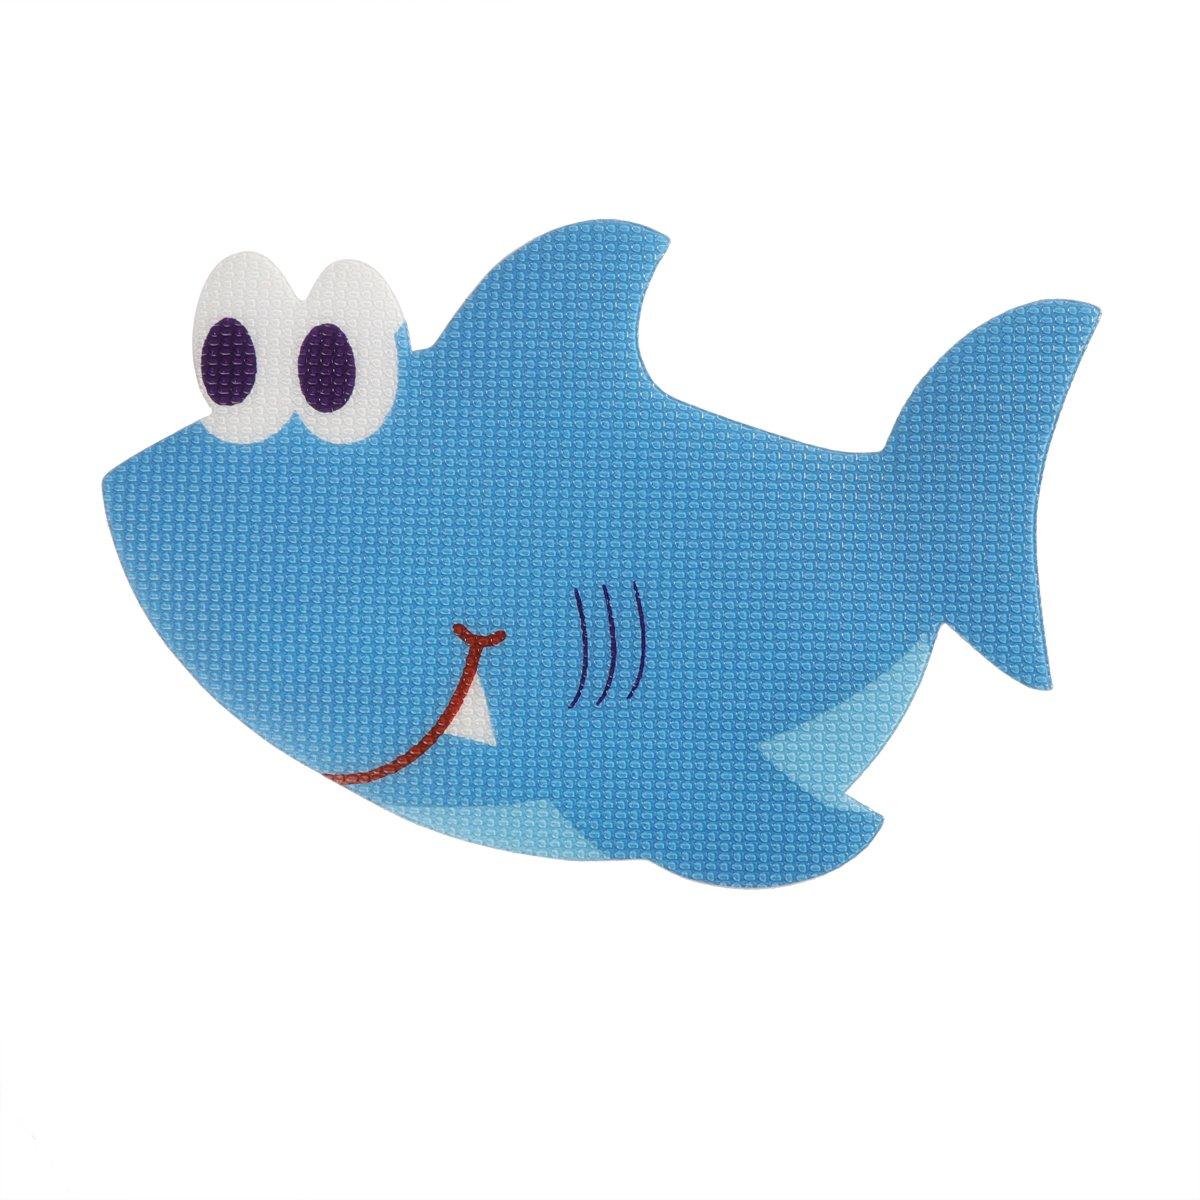 OUNONA 5pcs Adesivi da vasca da bagno antiscivolo pedane di sicurezza adesivo a forma di squalo bagno applique decal (blu)